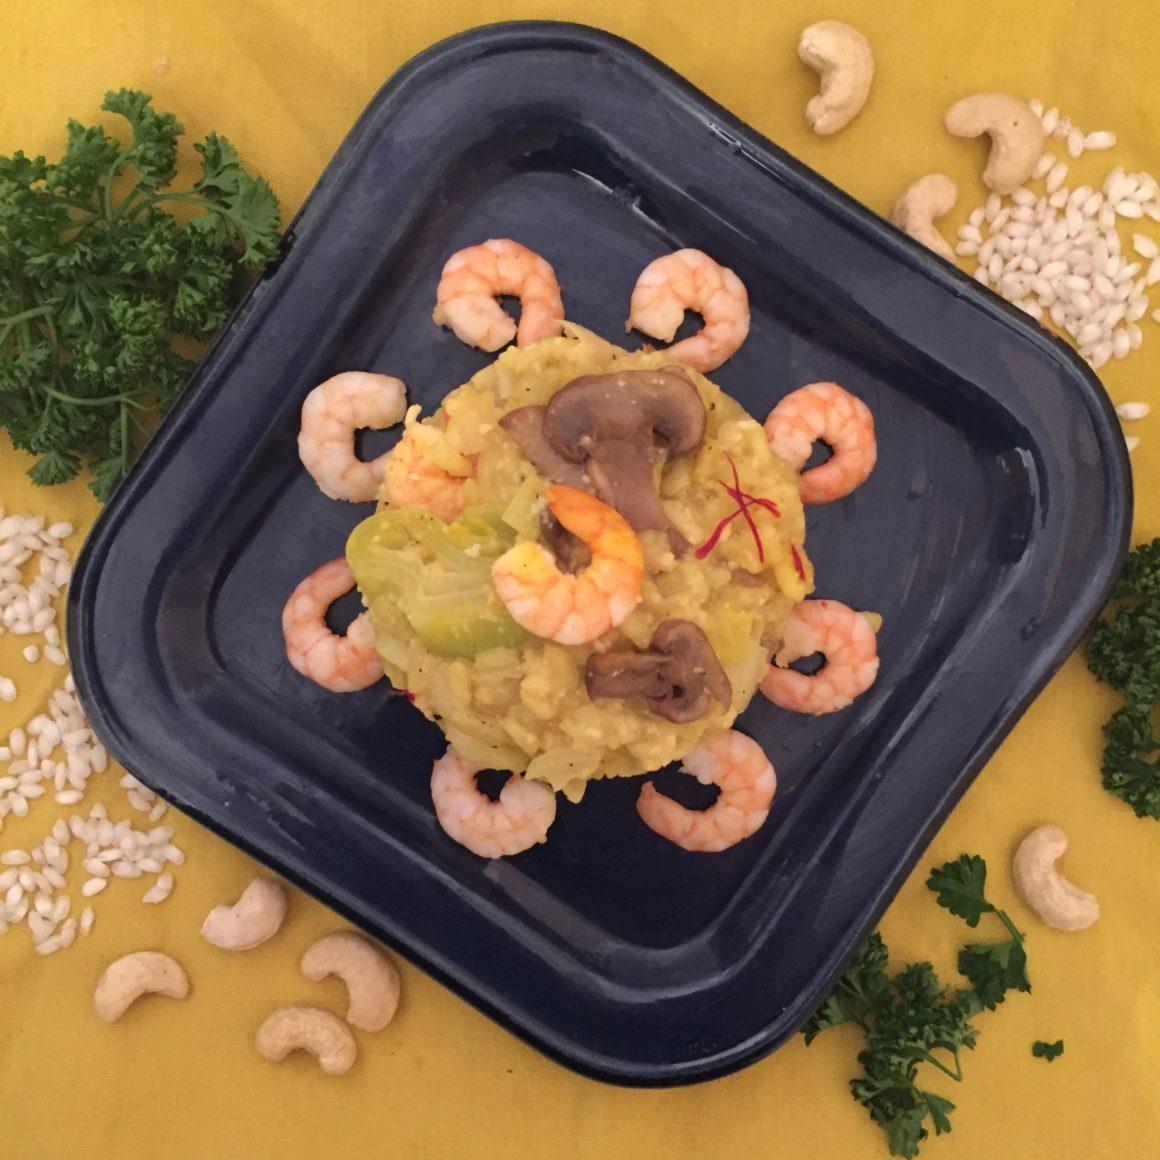 risotto sans produits laitiers : crevettes et poireaux